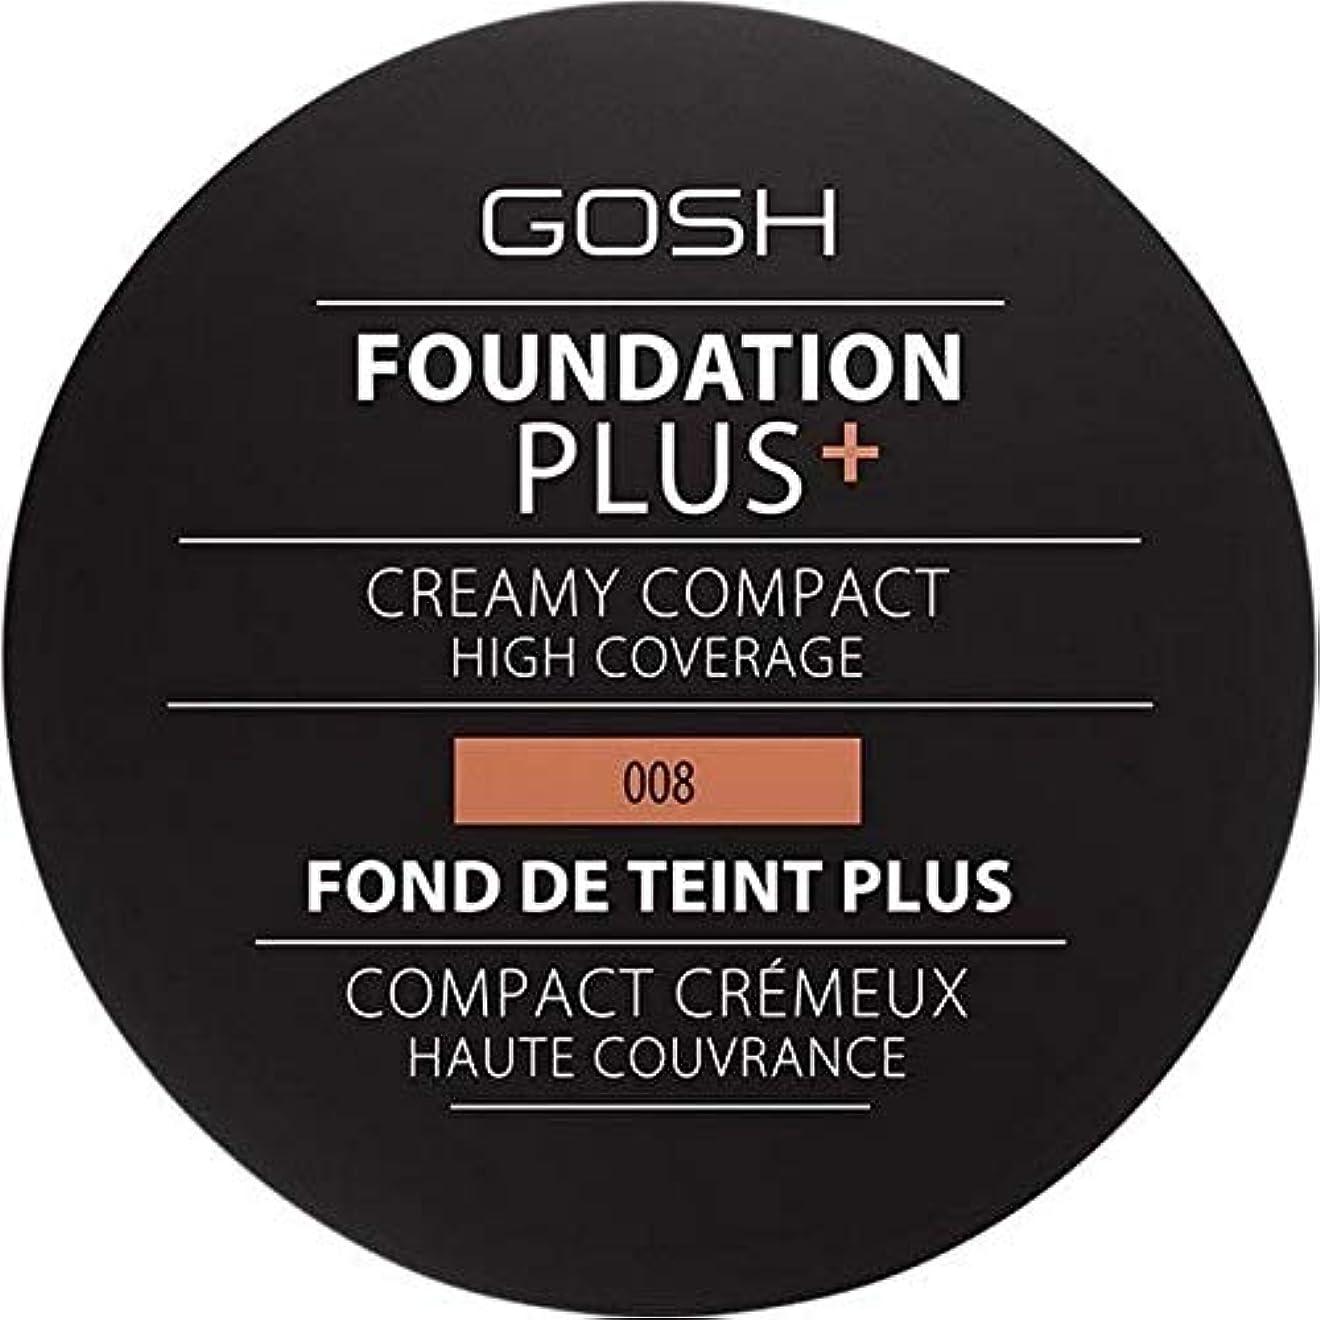 ジャグリングエンジニア補償[GOSH ] おやっ基盤プラス008 +クリーミーコンパクト黄金 - Gosh Foundation Plus+ Creamy Compact Golden 008 [並行輸入品]